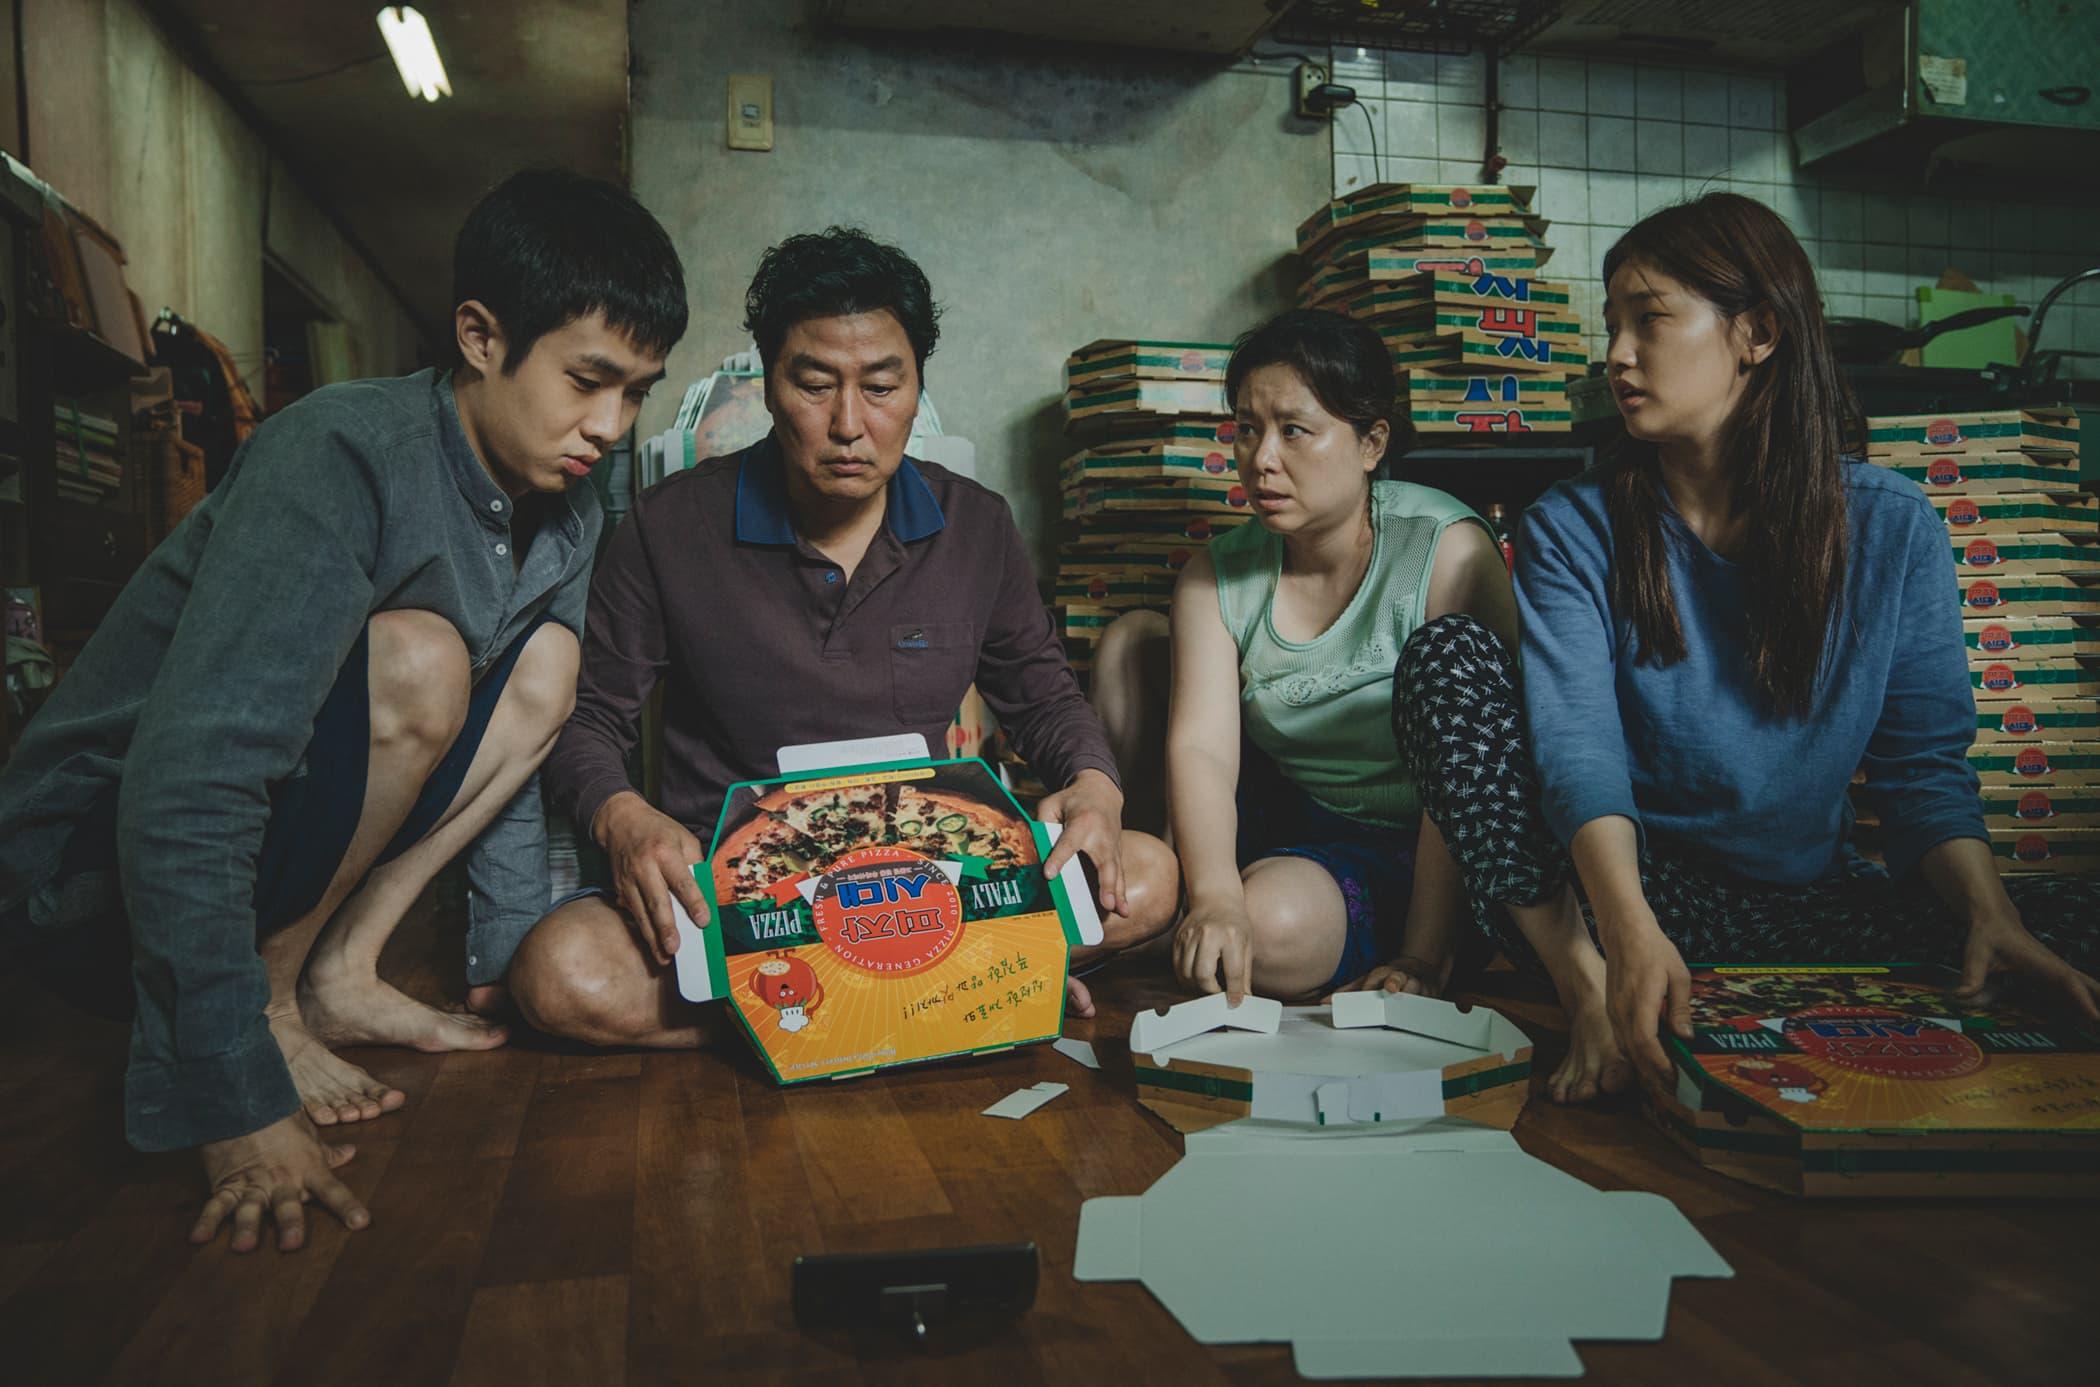 上映映画をもっと知りたい! 語りたい倶楽部。#39『パラサイト 半地下の家族』